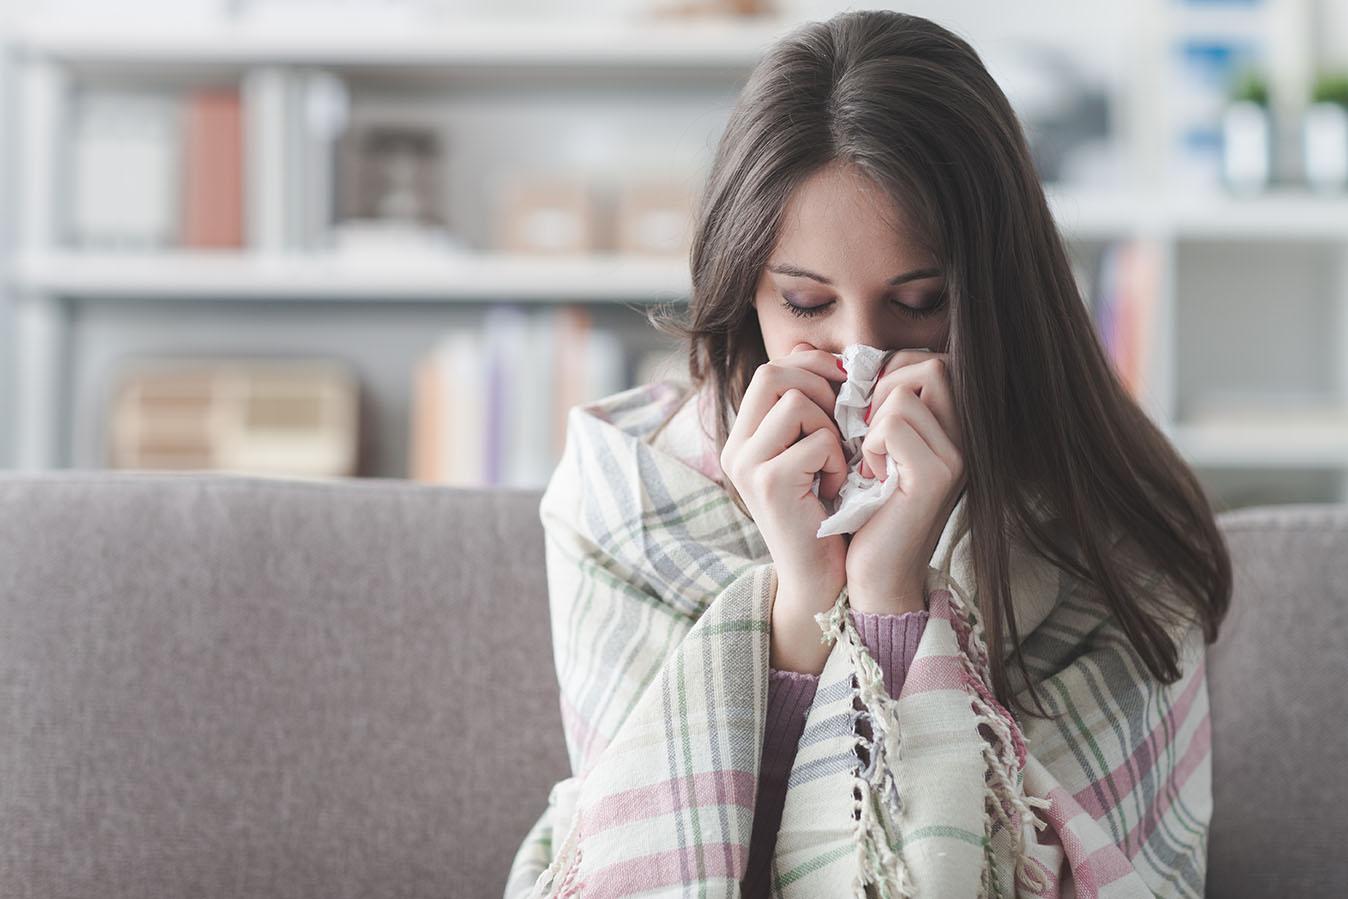 Die Hausfeen erkältete Frau